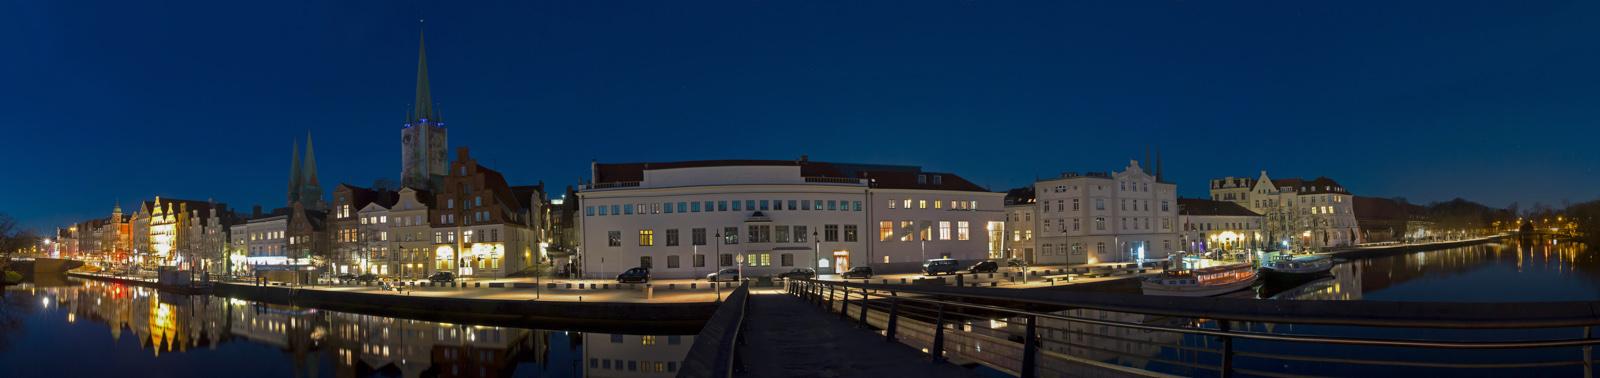 Lübeck (Bild: Der Weg - A. Reustle)